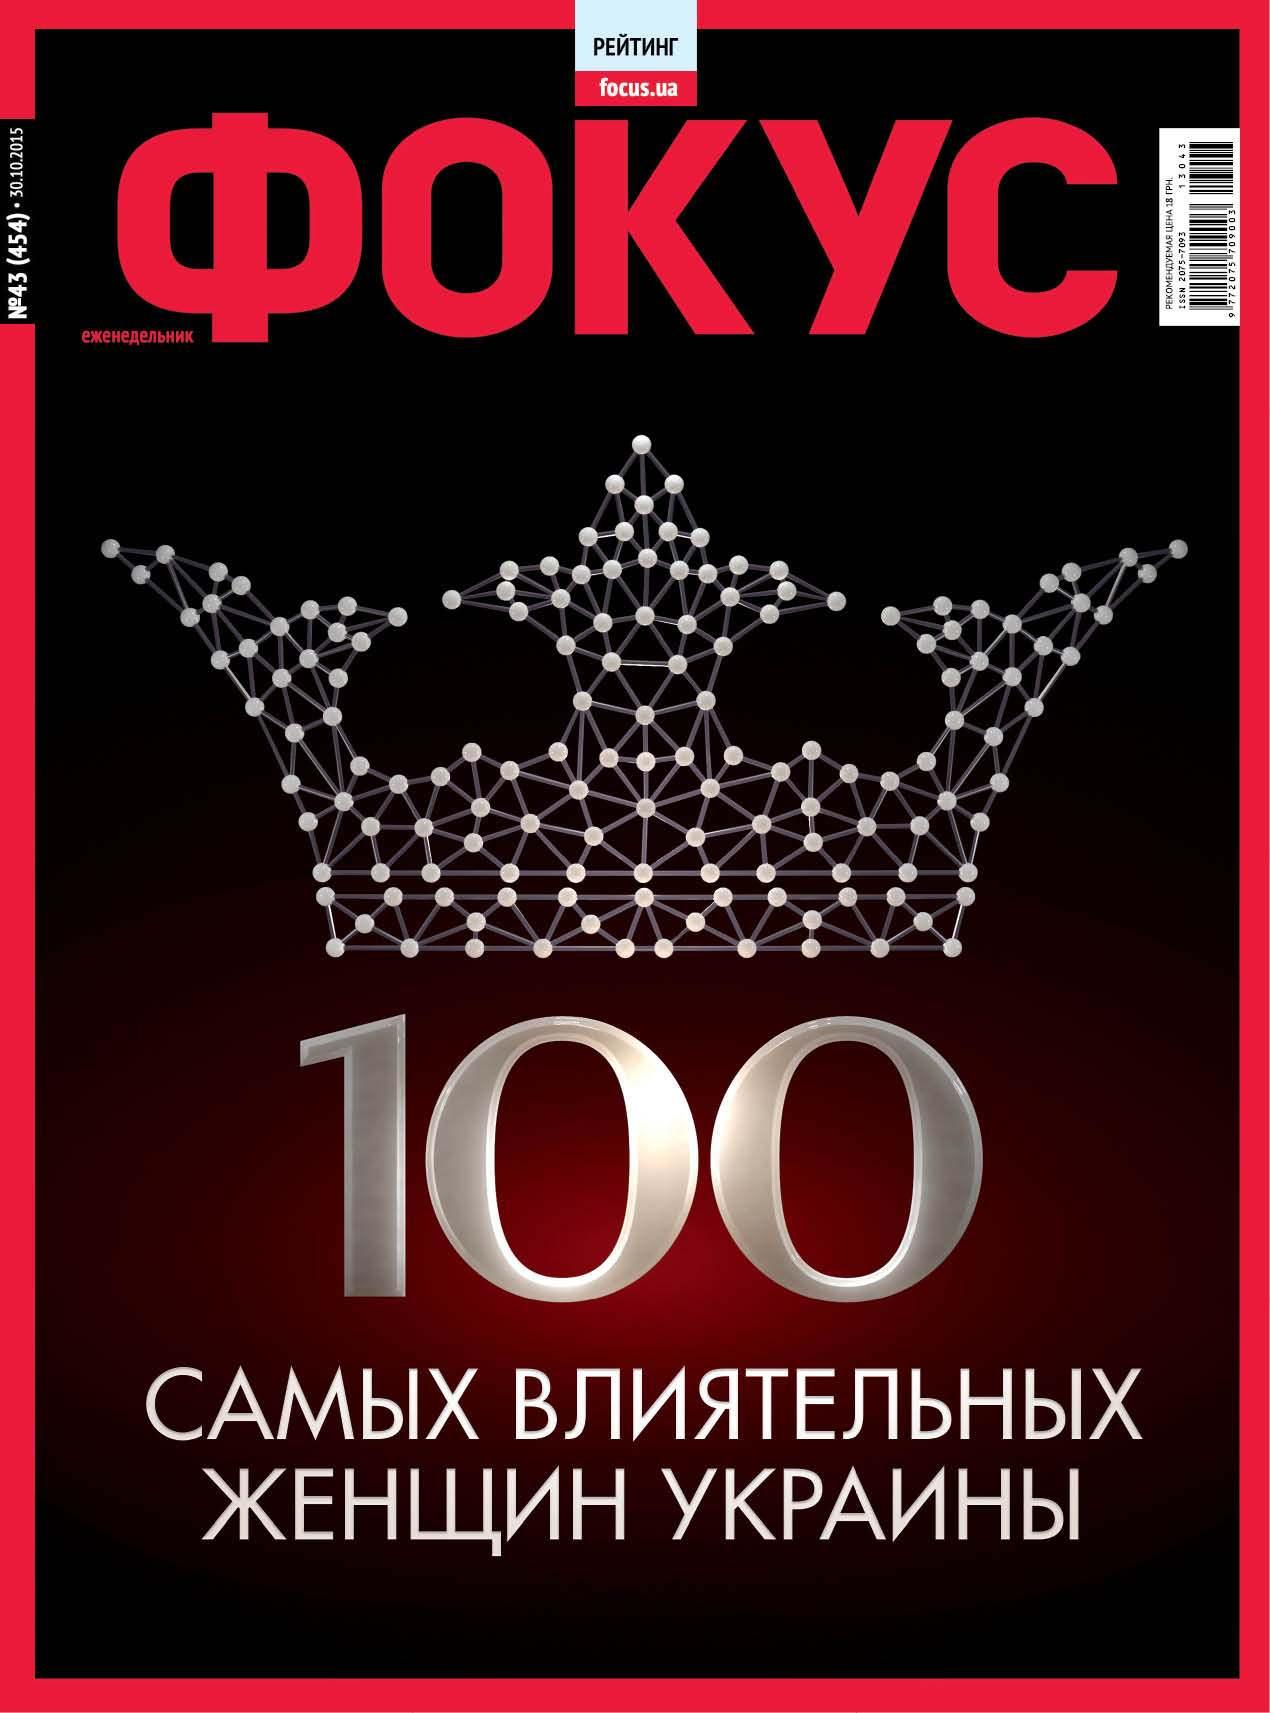 Фокус представил рейтинг 100 влиятельных женщин Украины